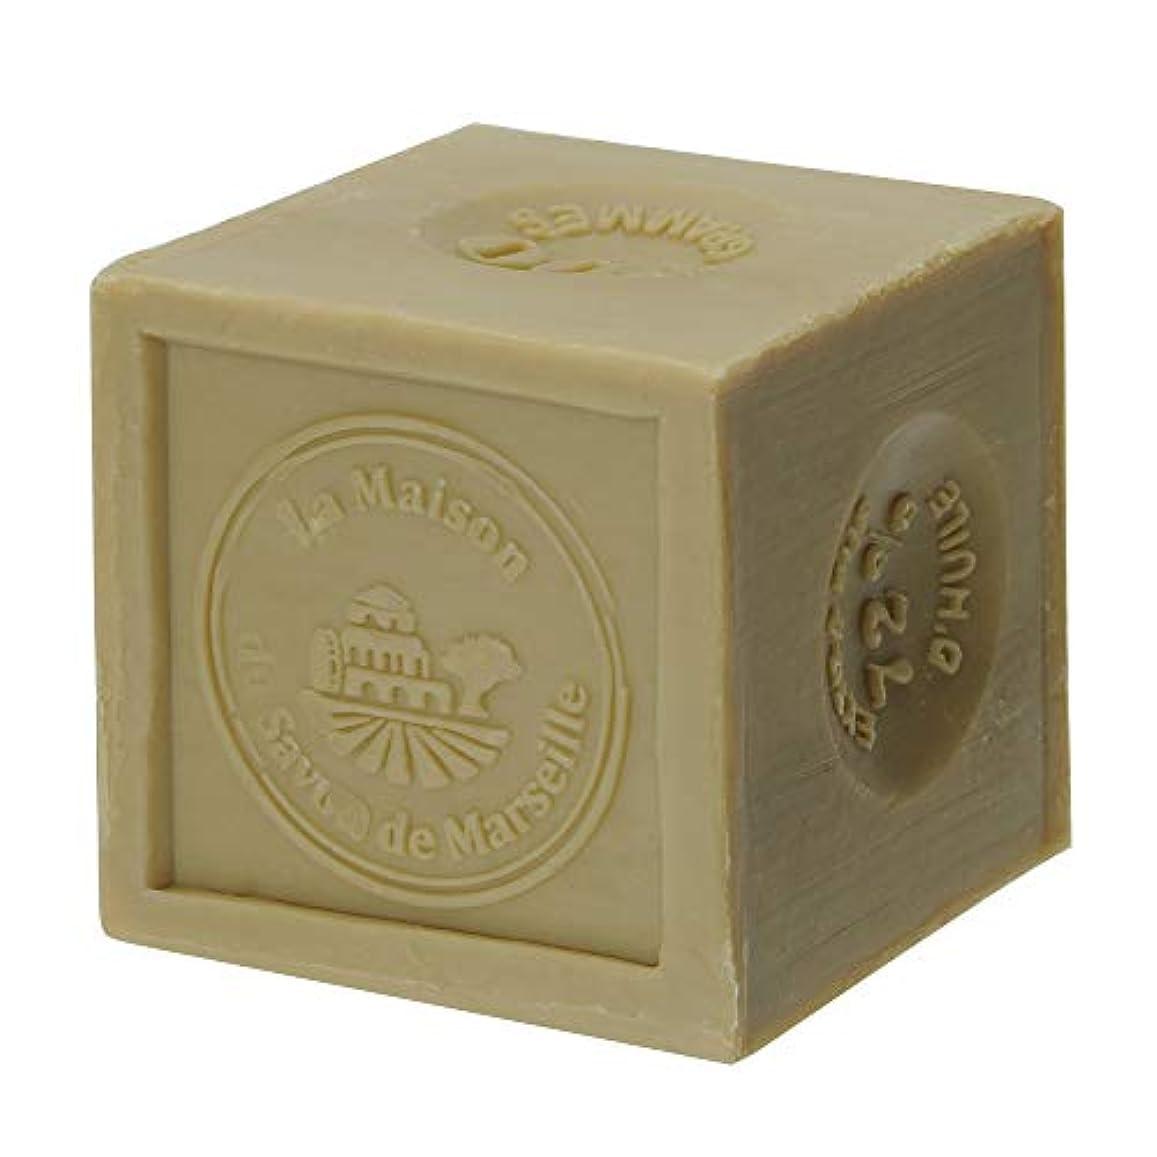 親指エステート上回るノルコーポレーション マルセイユ石鹸 オリーブ UPSM認証マーク付き 300g MLL-3-1